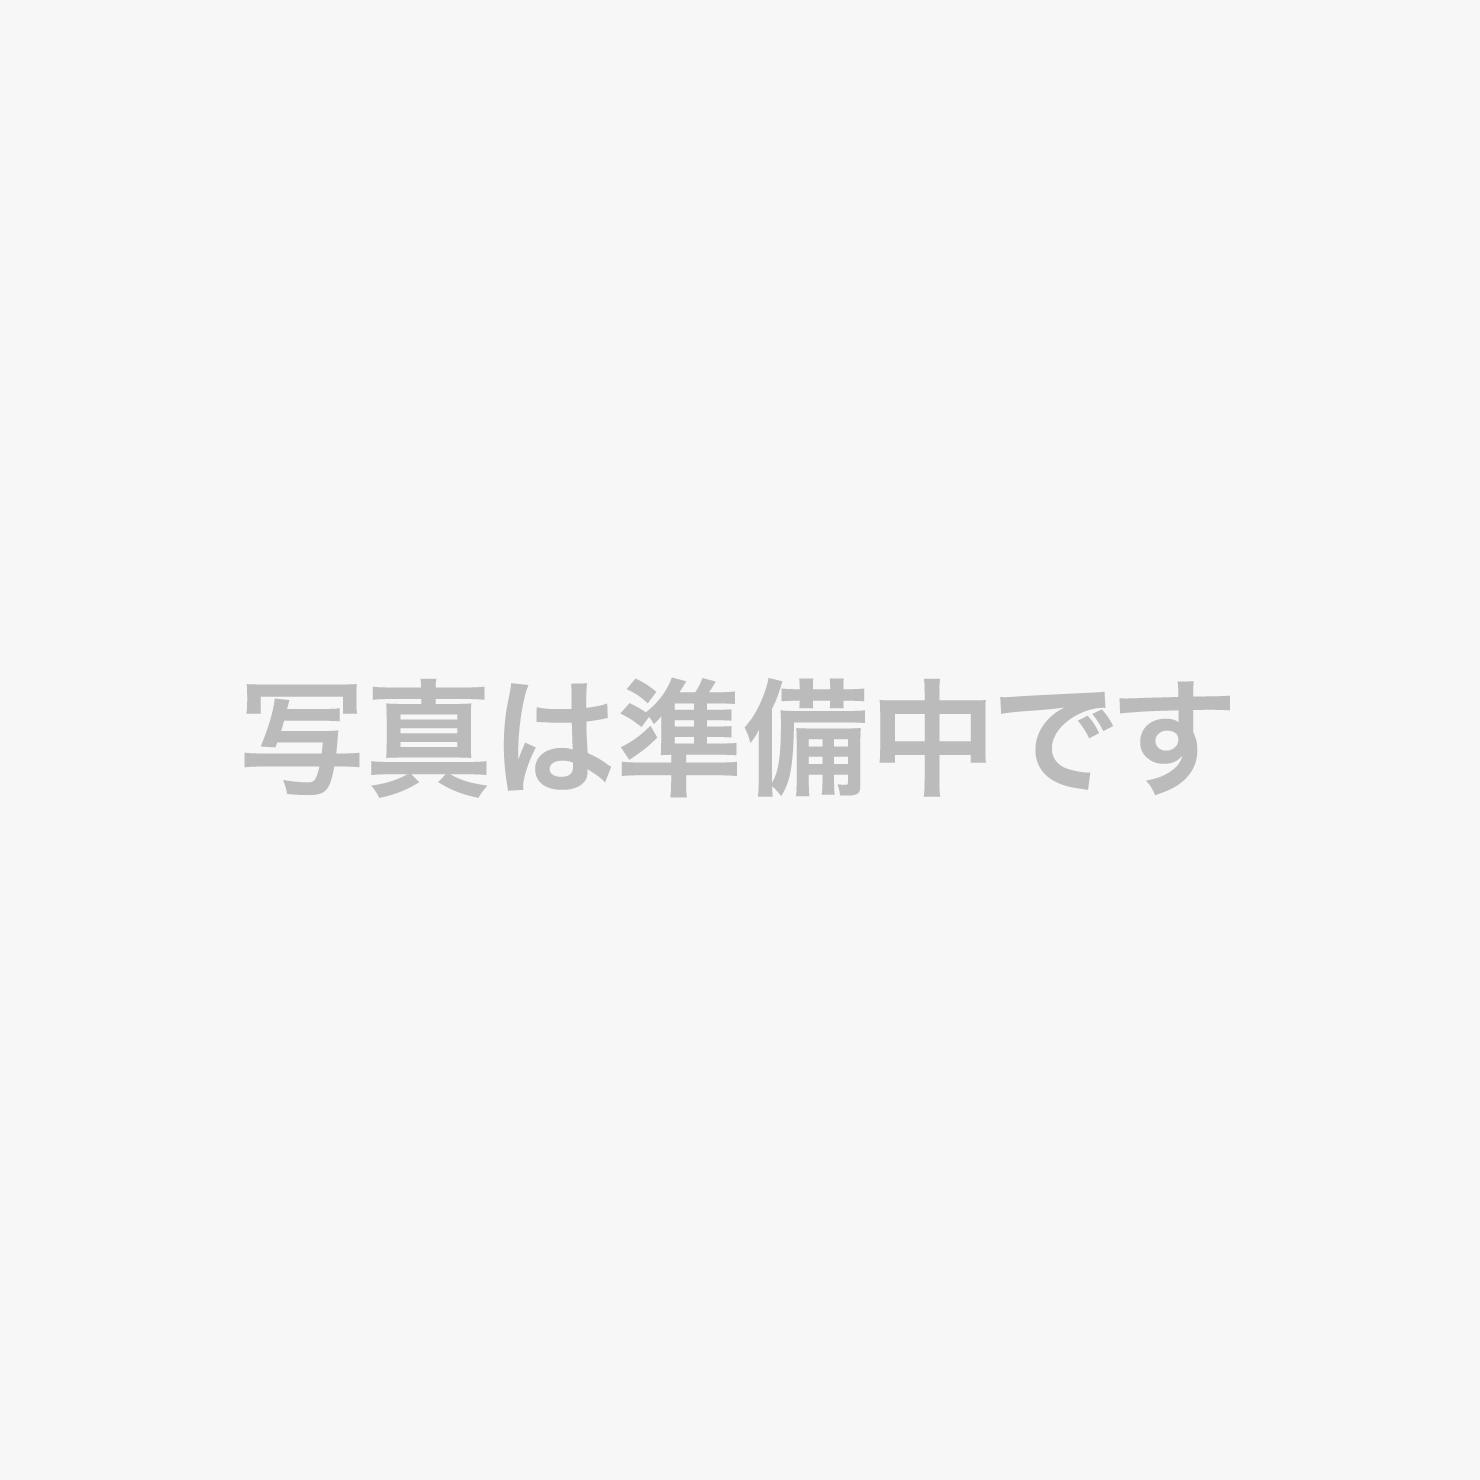 【9~11月】秋の料理バイキング『香りもごちそう!松茸の茶碗蒸し』※イメージ画像